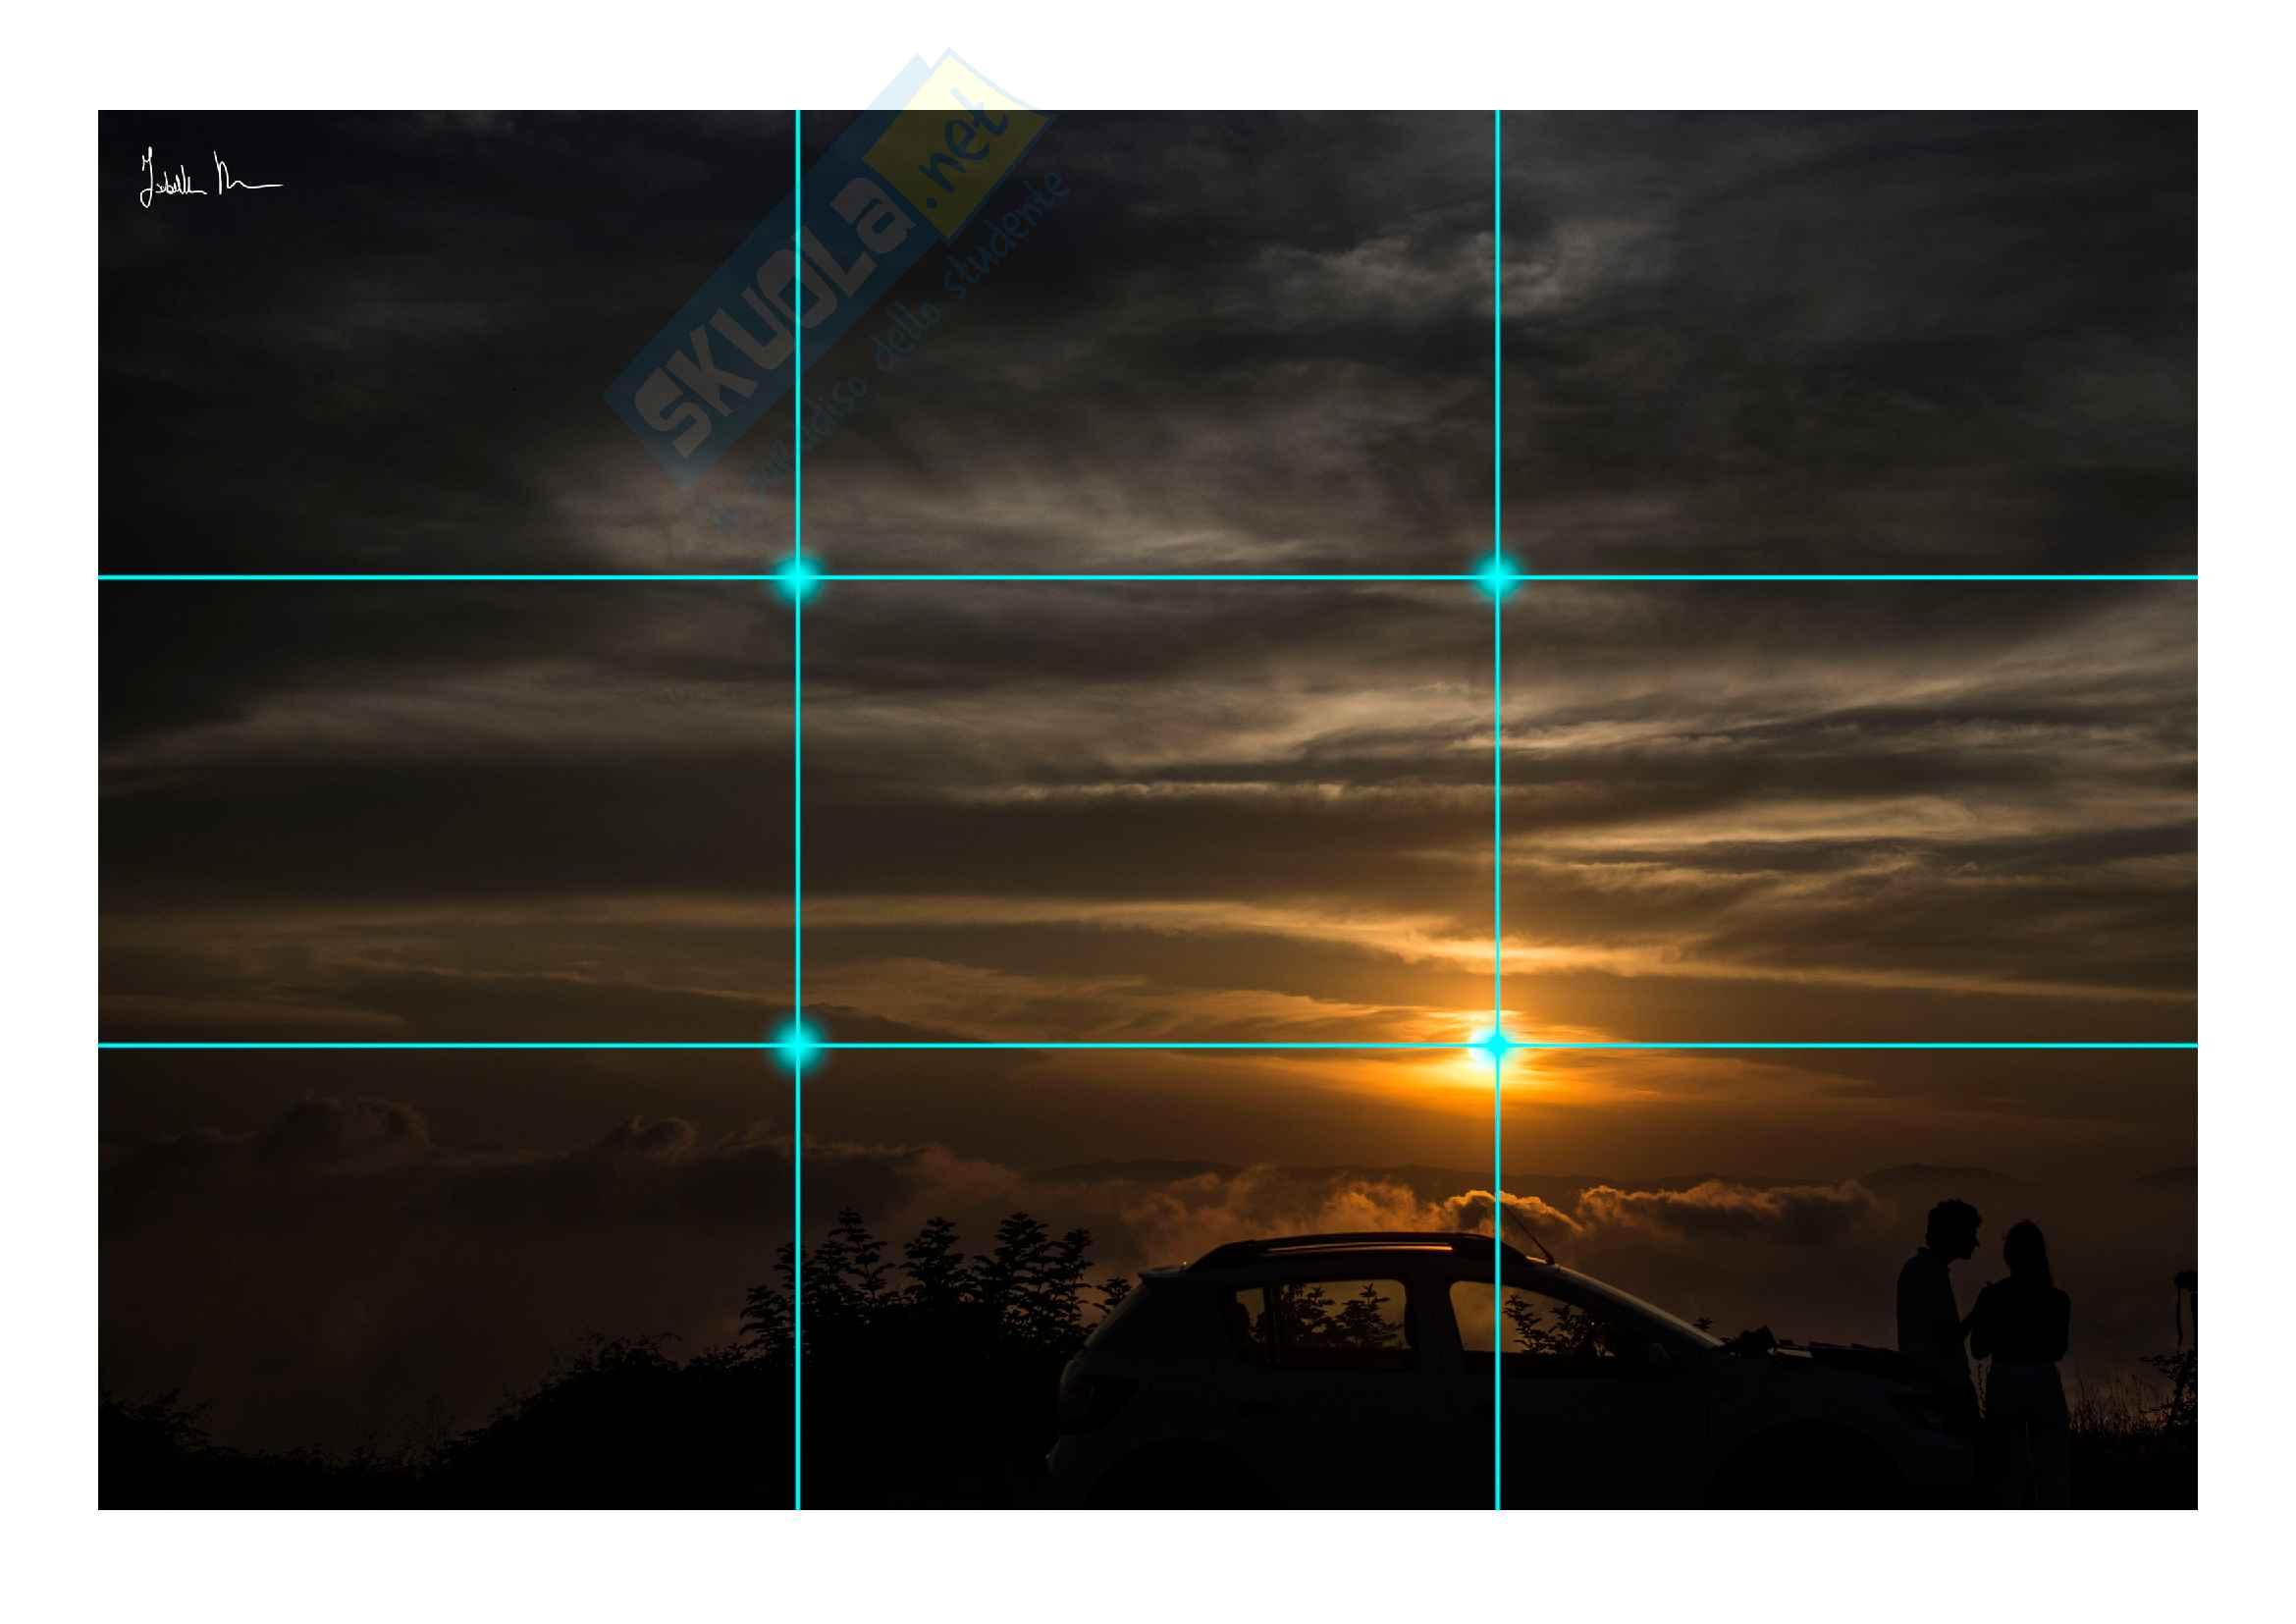 Tecniche compositive fotografiche, esame di fotografia di digital humanities Pag. 6